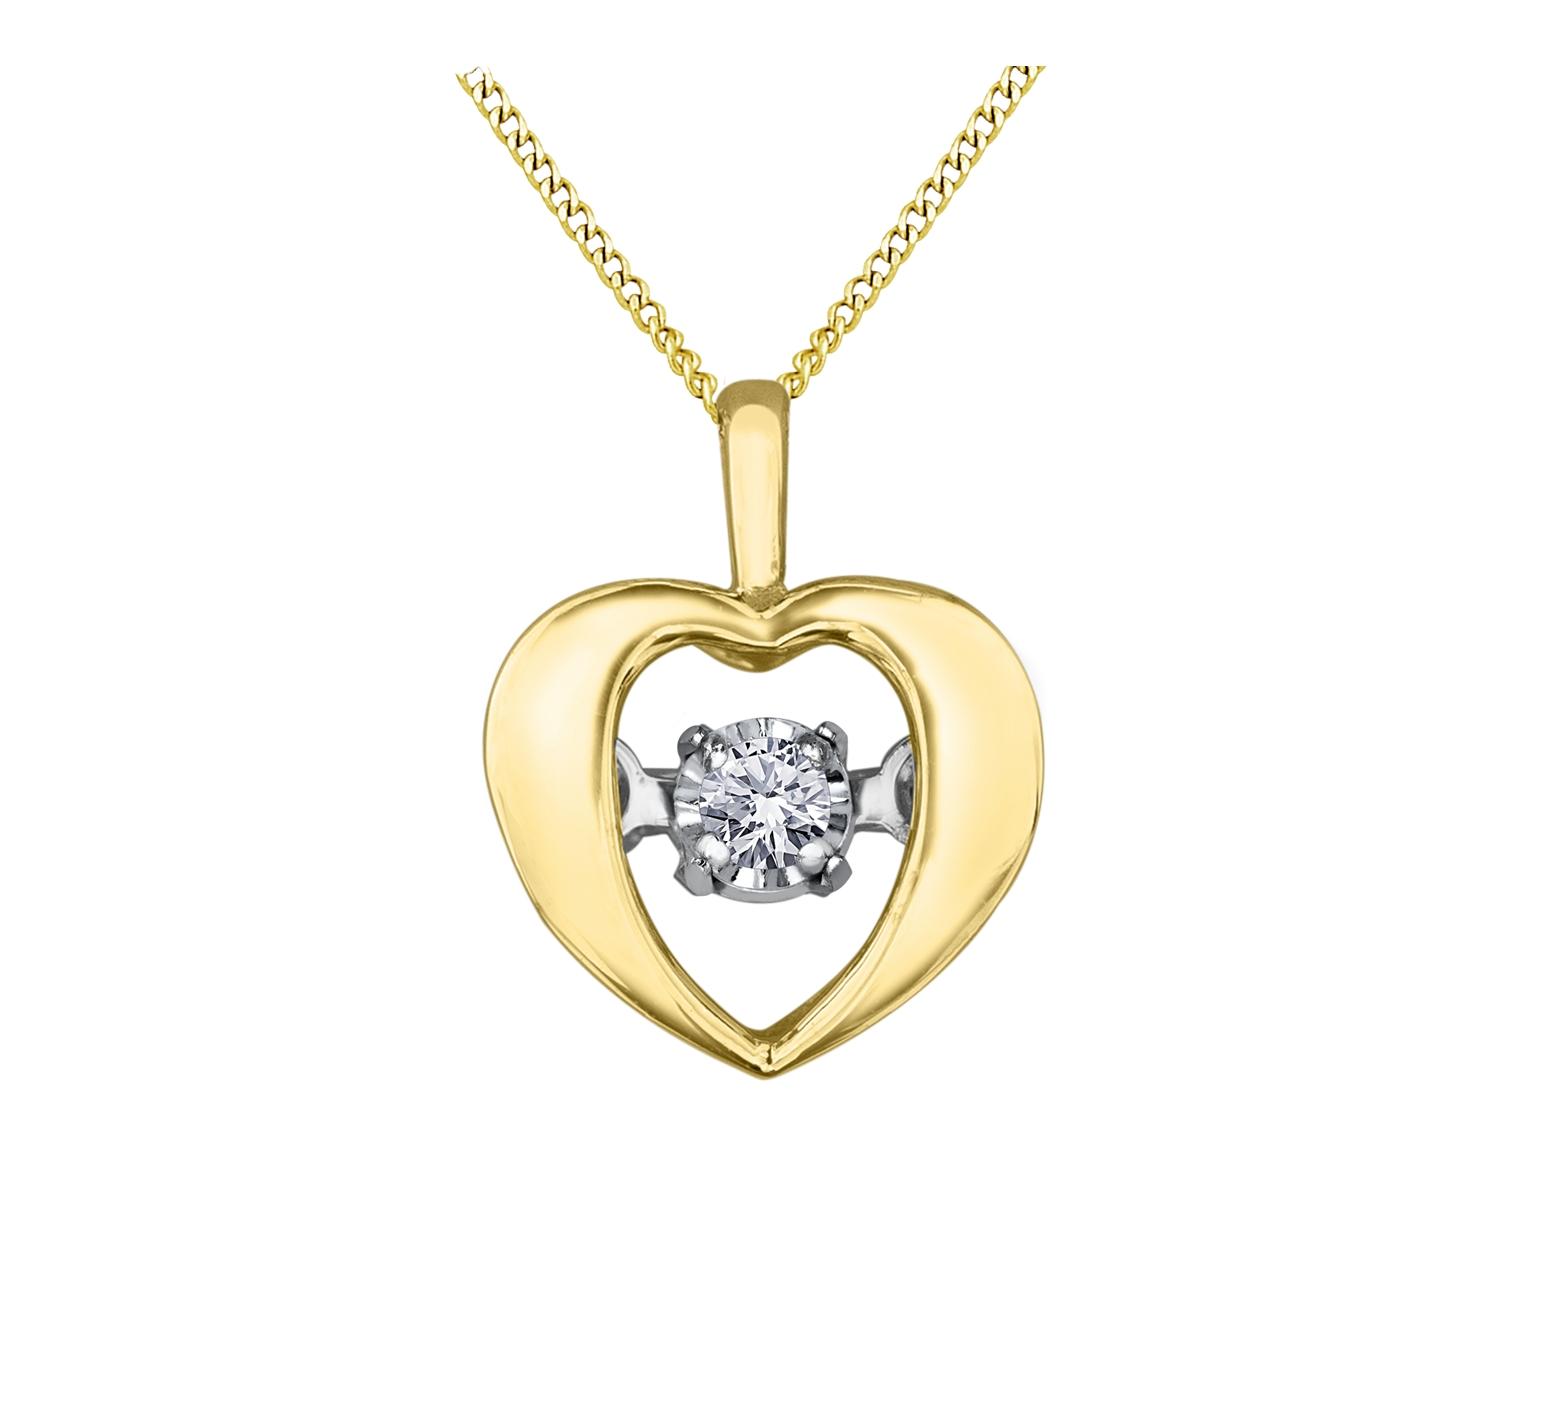 Pendentif coeur - Or jaune 10K & Diamant Canadien totalisant 0.04 Carat